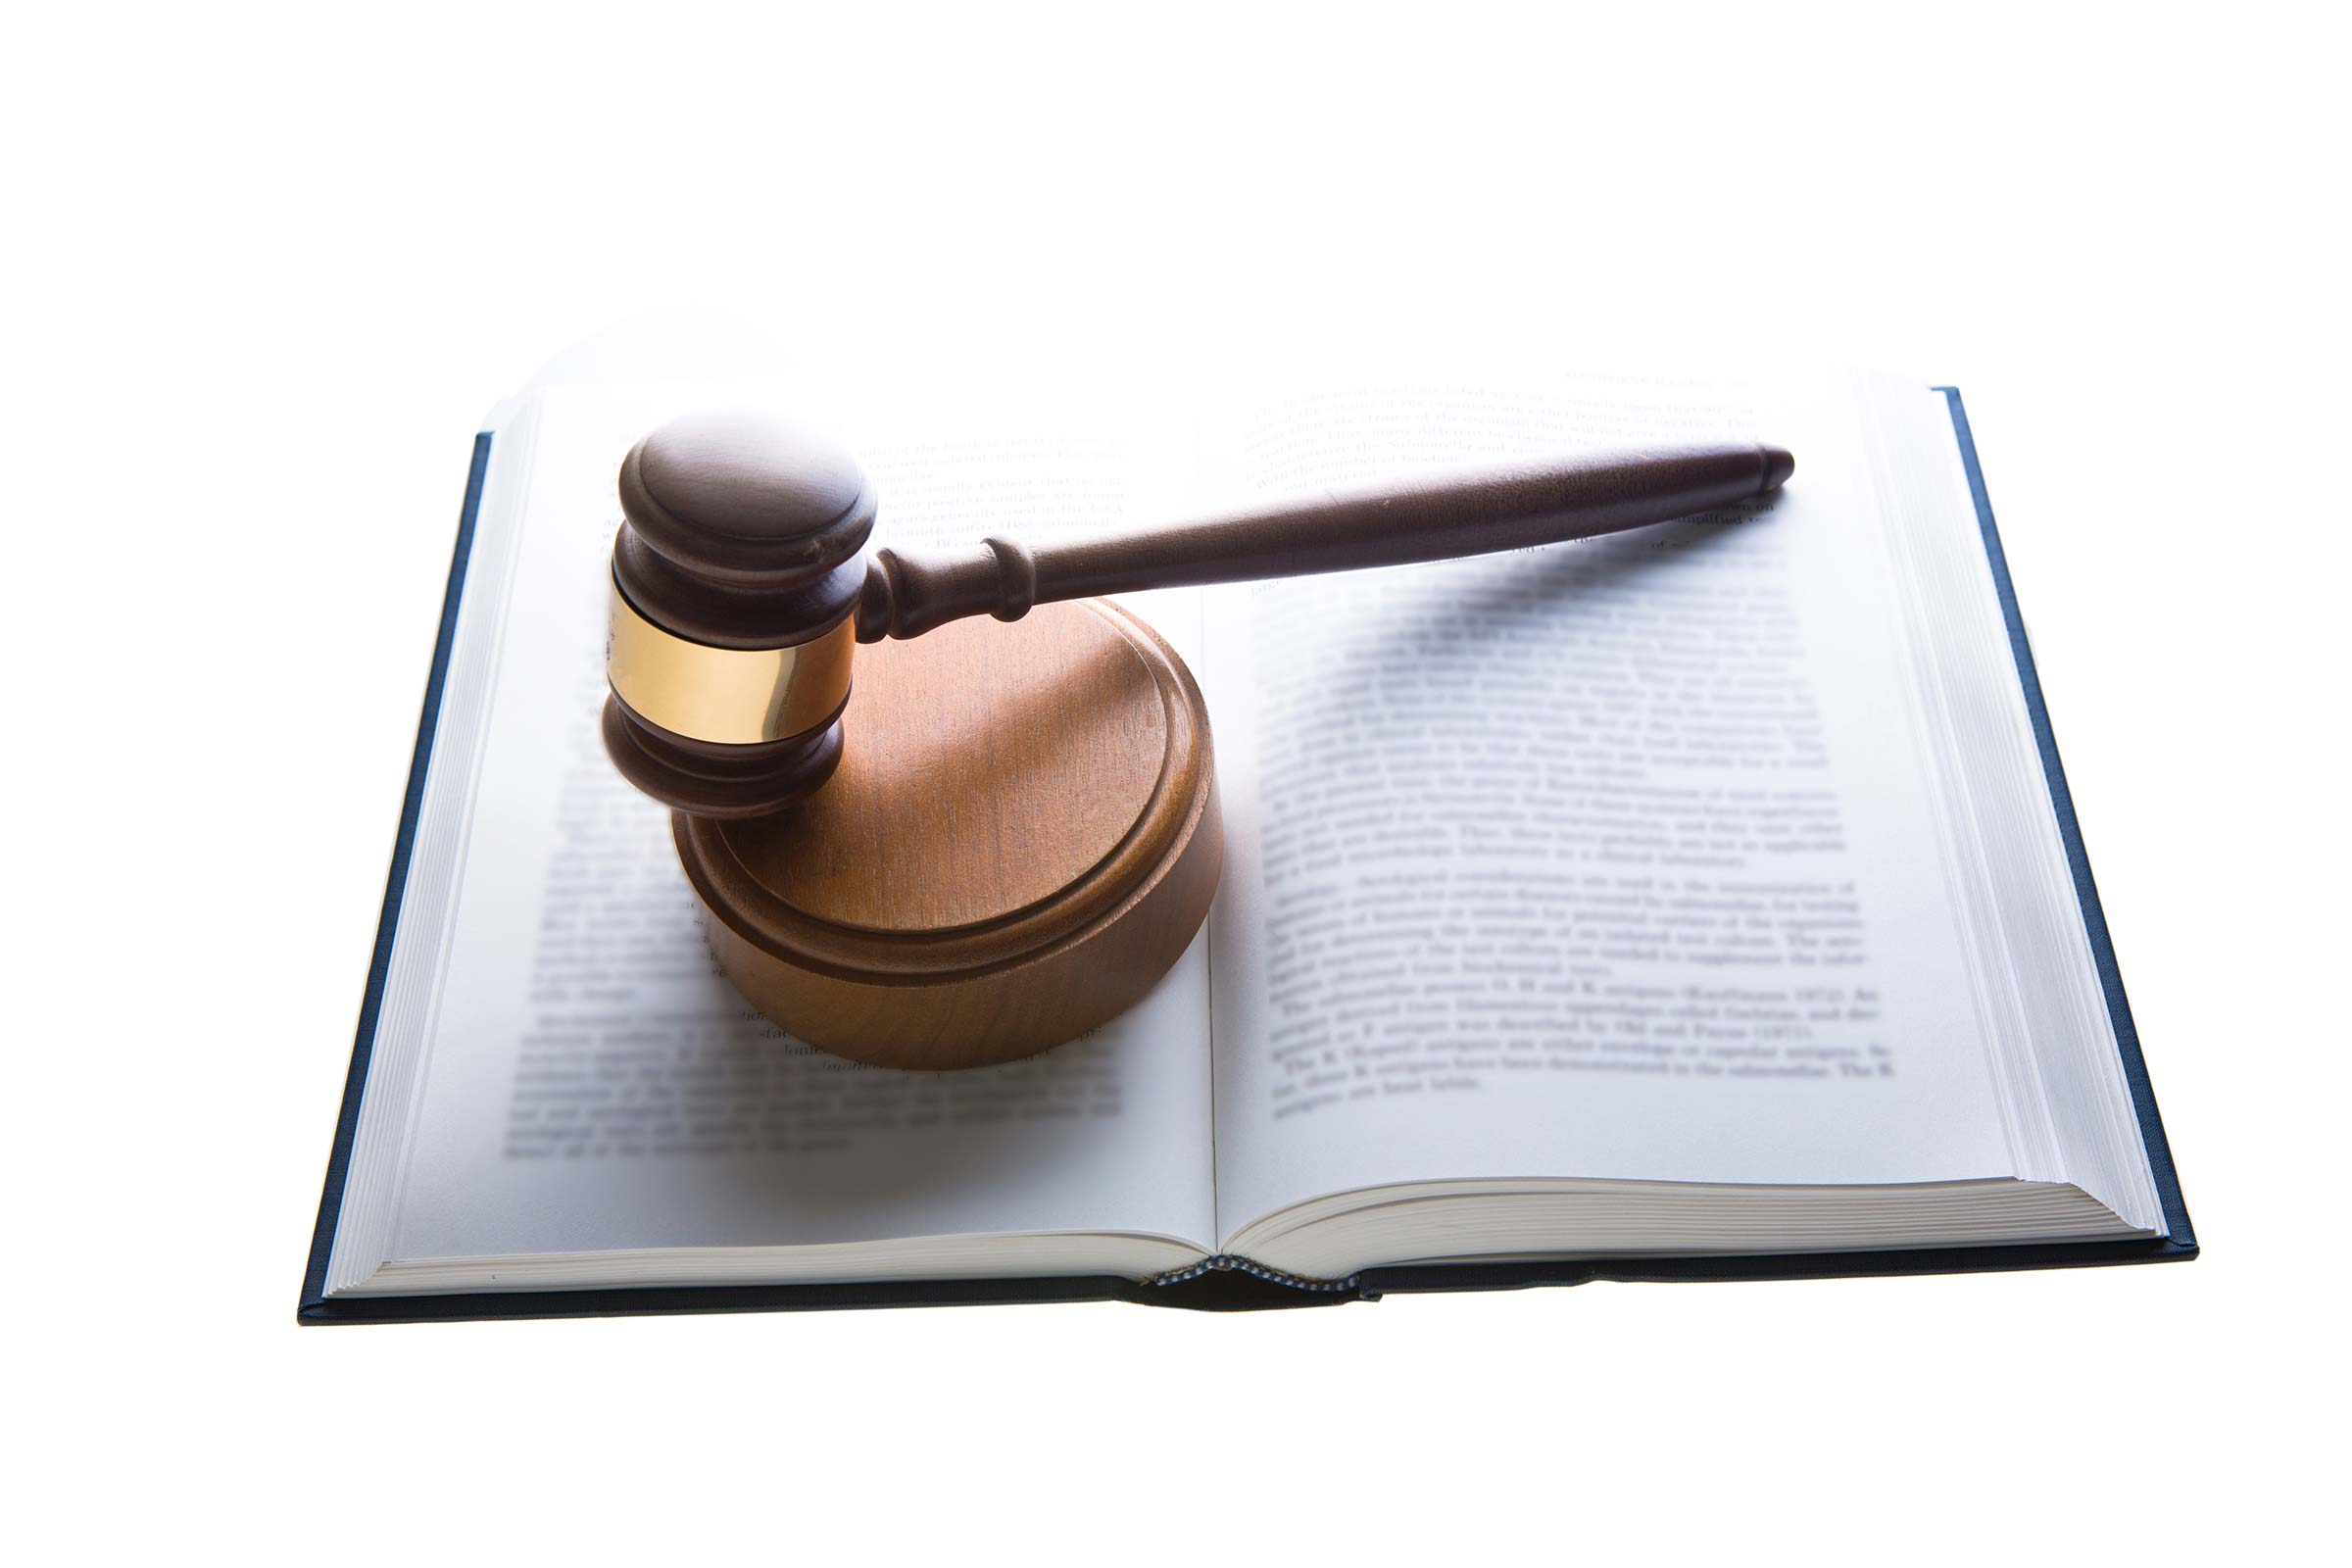 Seguridad: récord de homicidios y rapiñas y el Nuevo Código de Proceso Penal